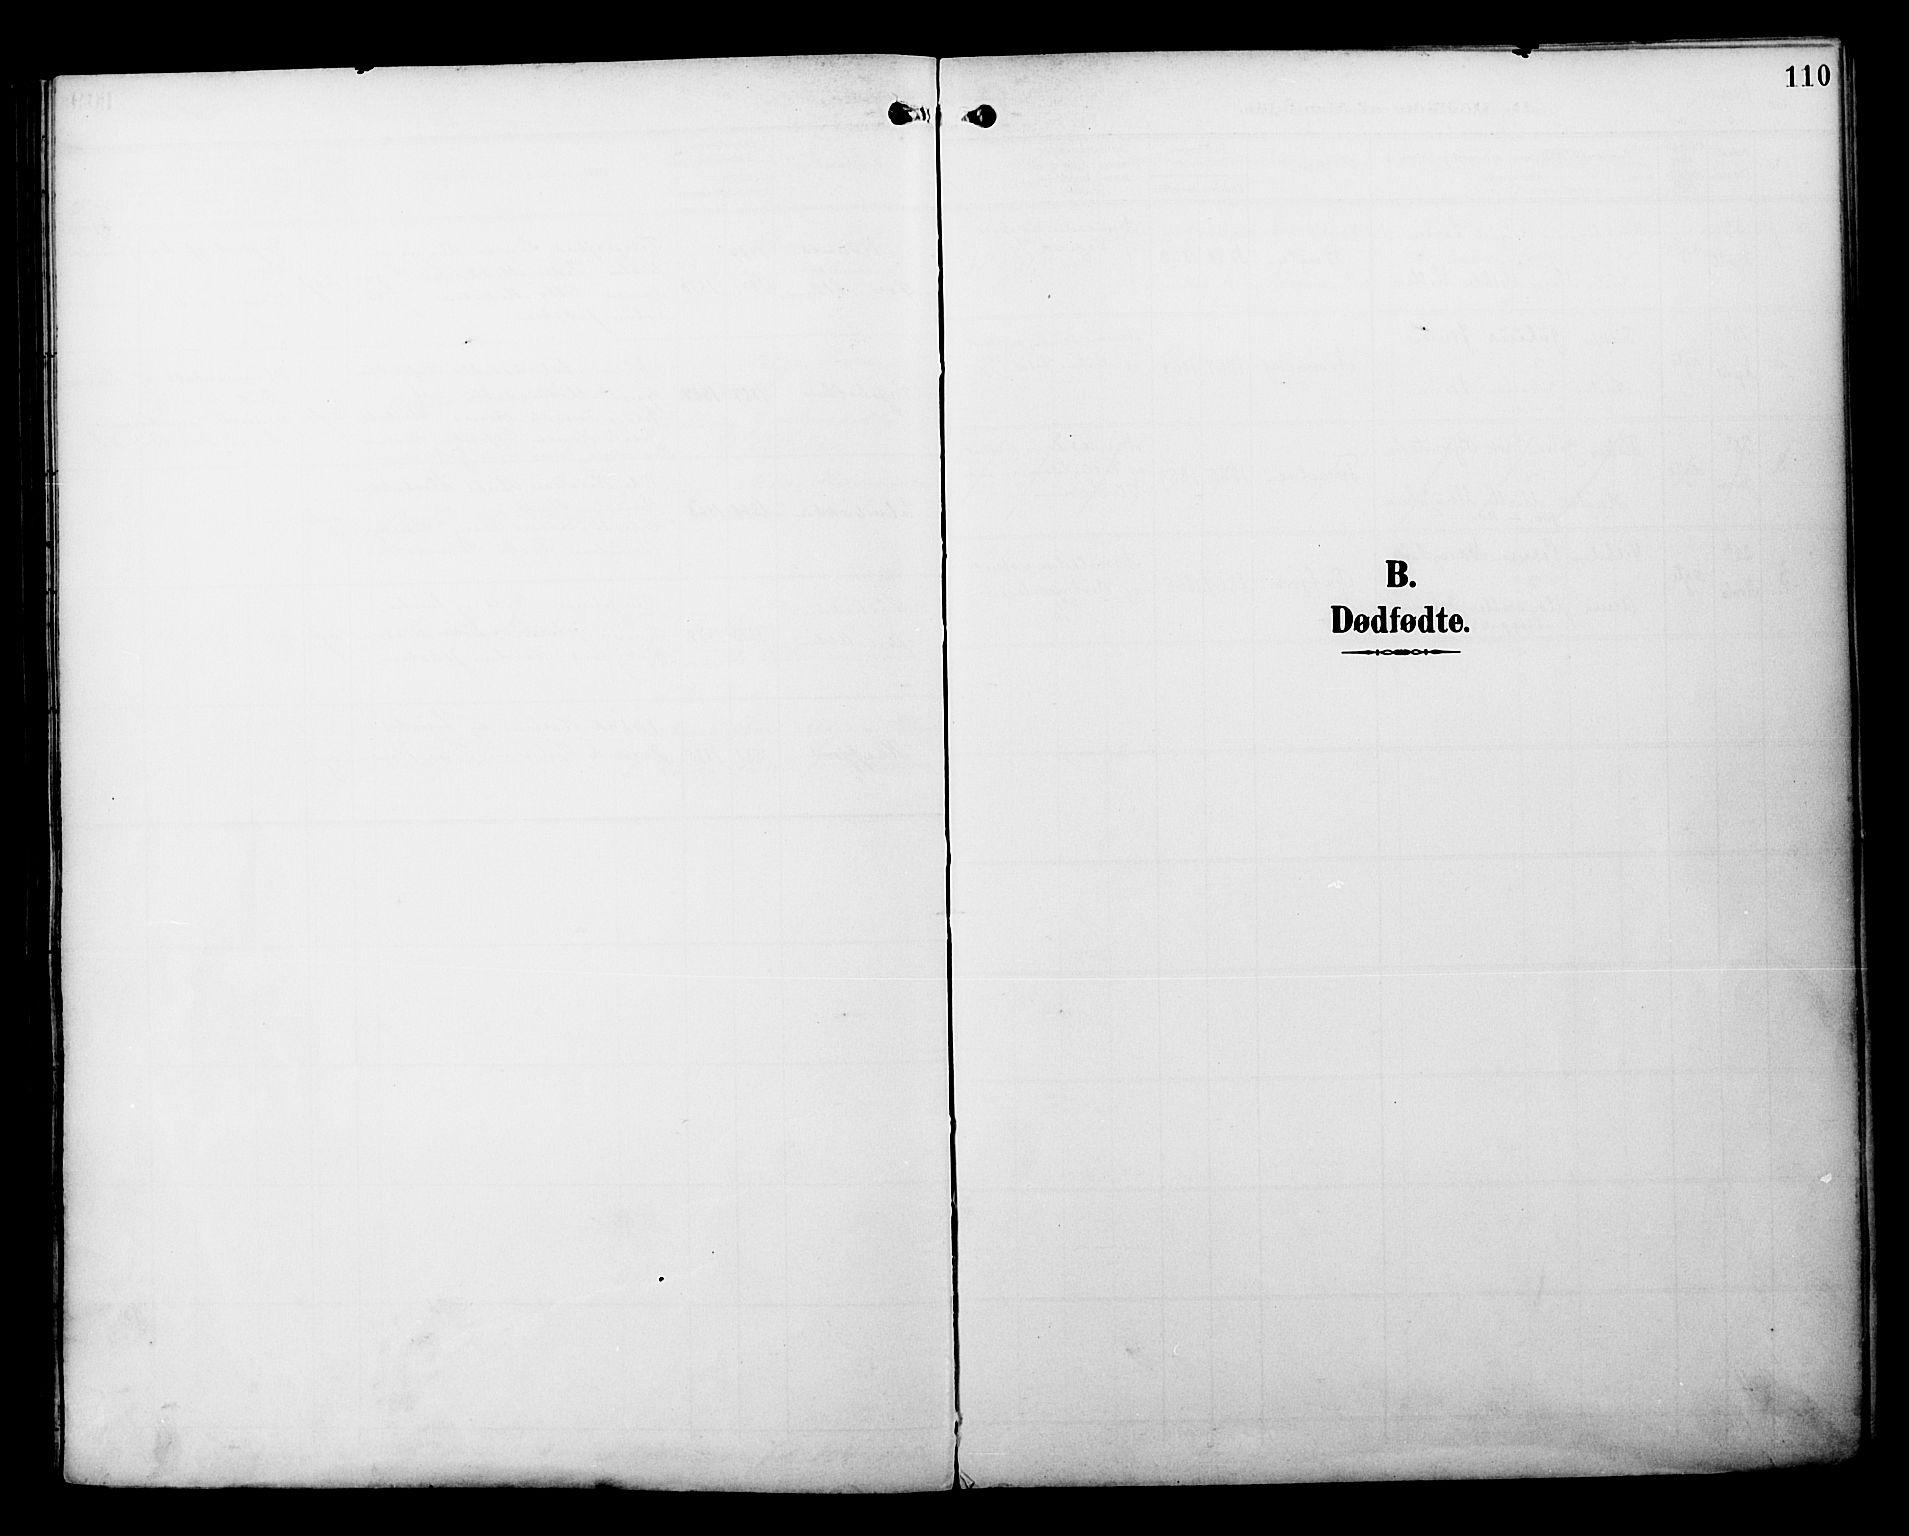 SATØ, Alta sokneprestembete, Ministerialbok nr. 3, 1892-1904, s. 110